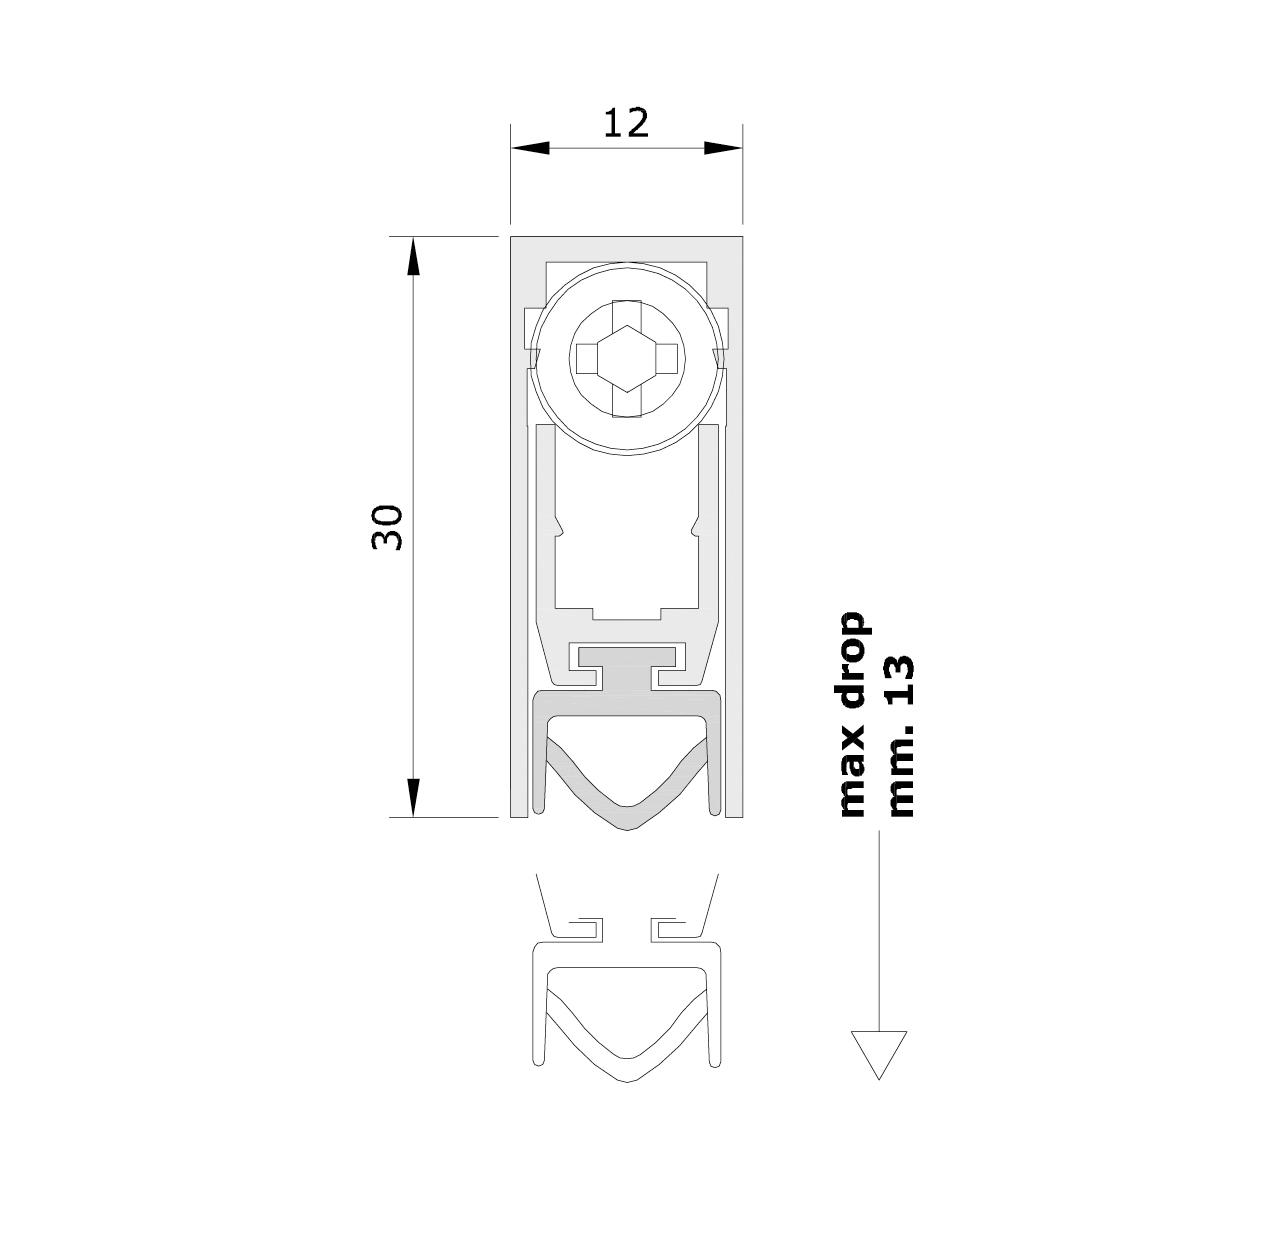 Misure standard (mm) per il paraspifferi Serie Basic 422